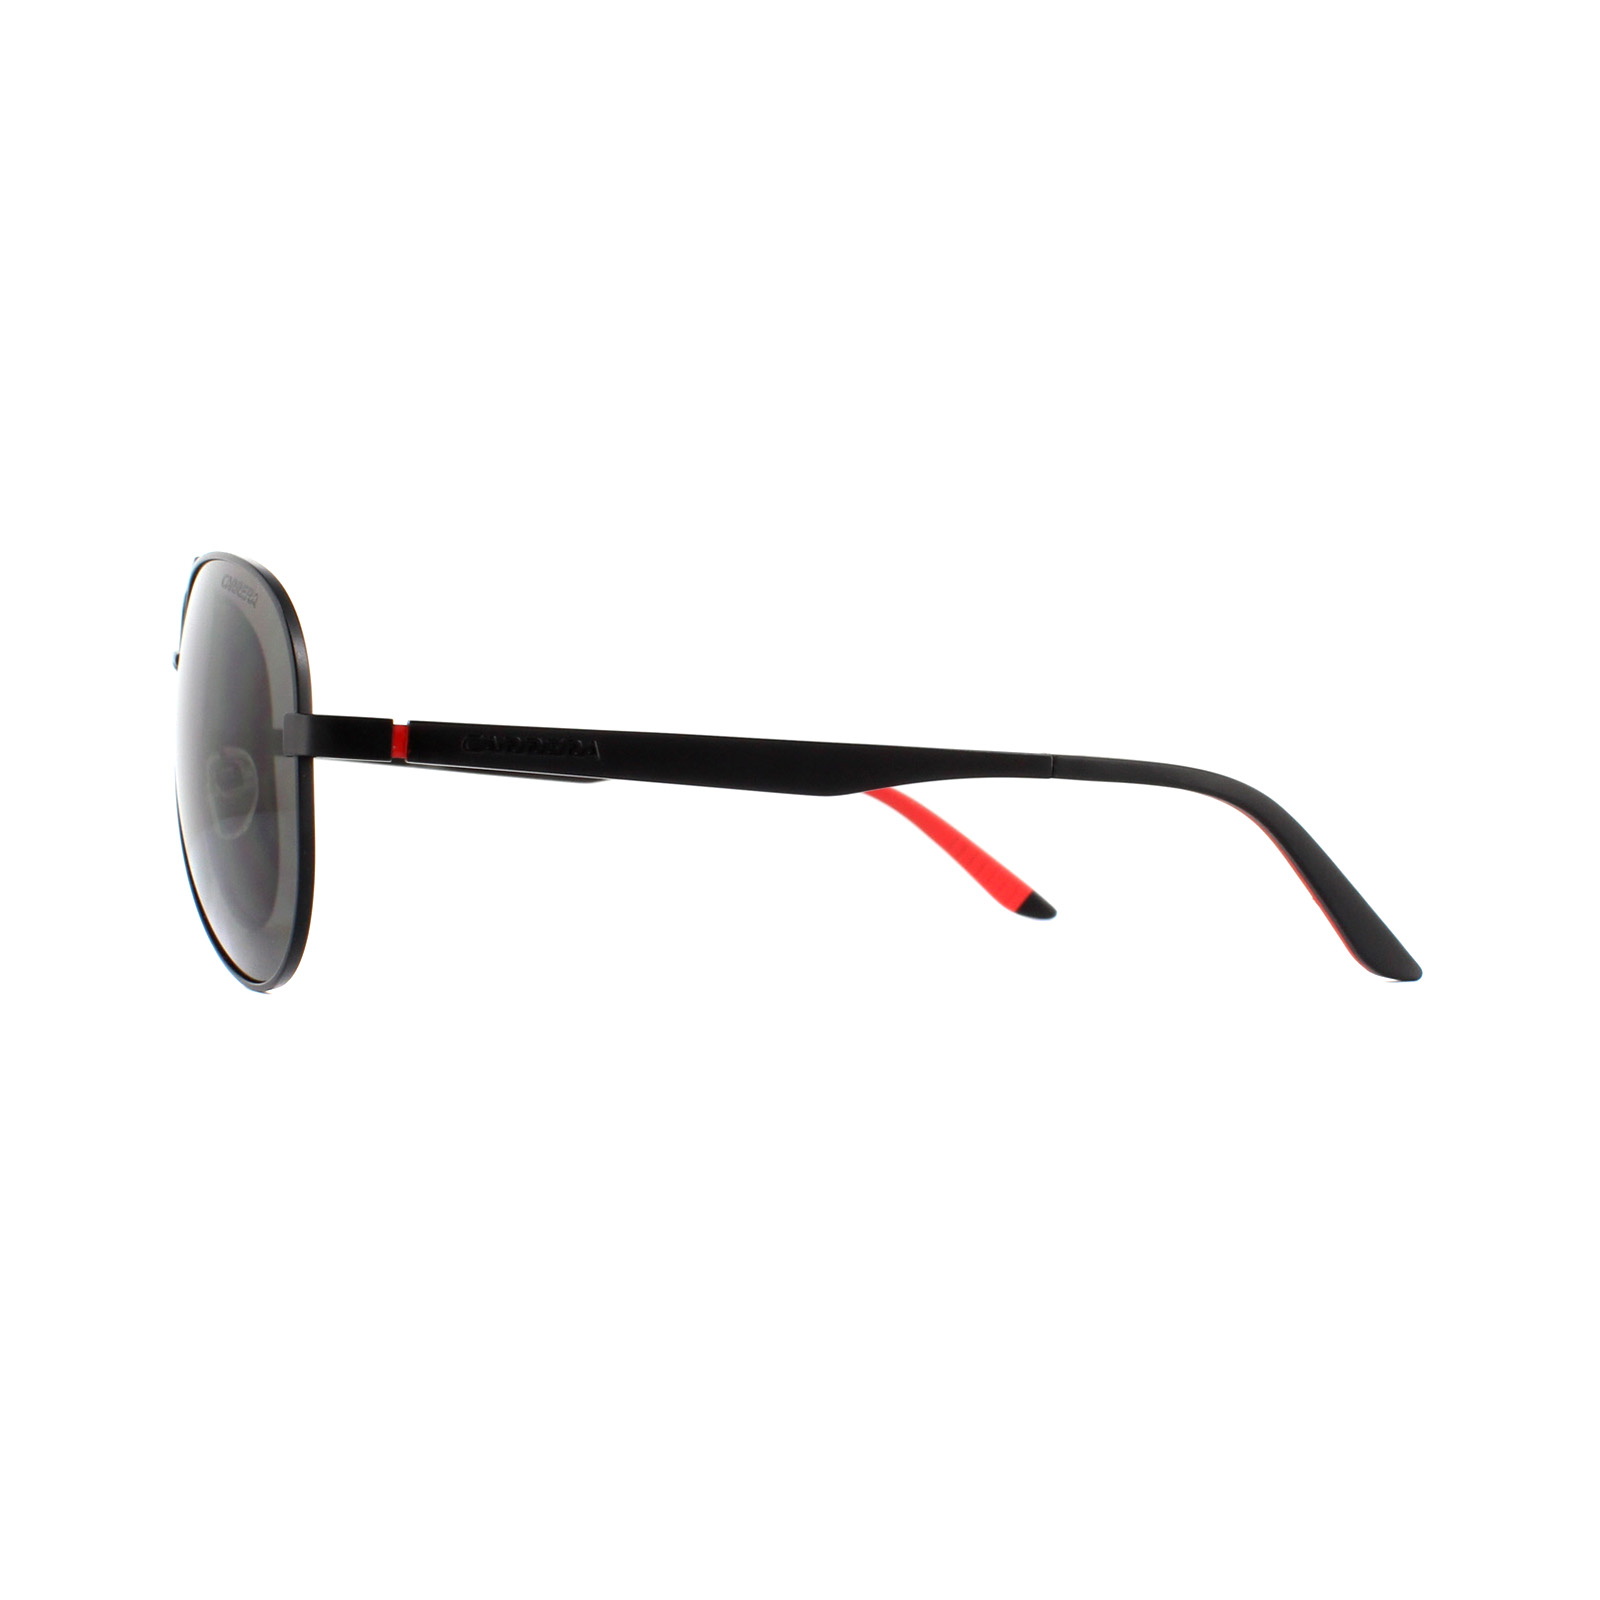 5793683f1049f Sentinel Carrera Sunglasses Carrera 8010 S 003 M9 Matte Black Green  Polarized